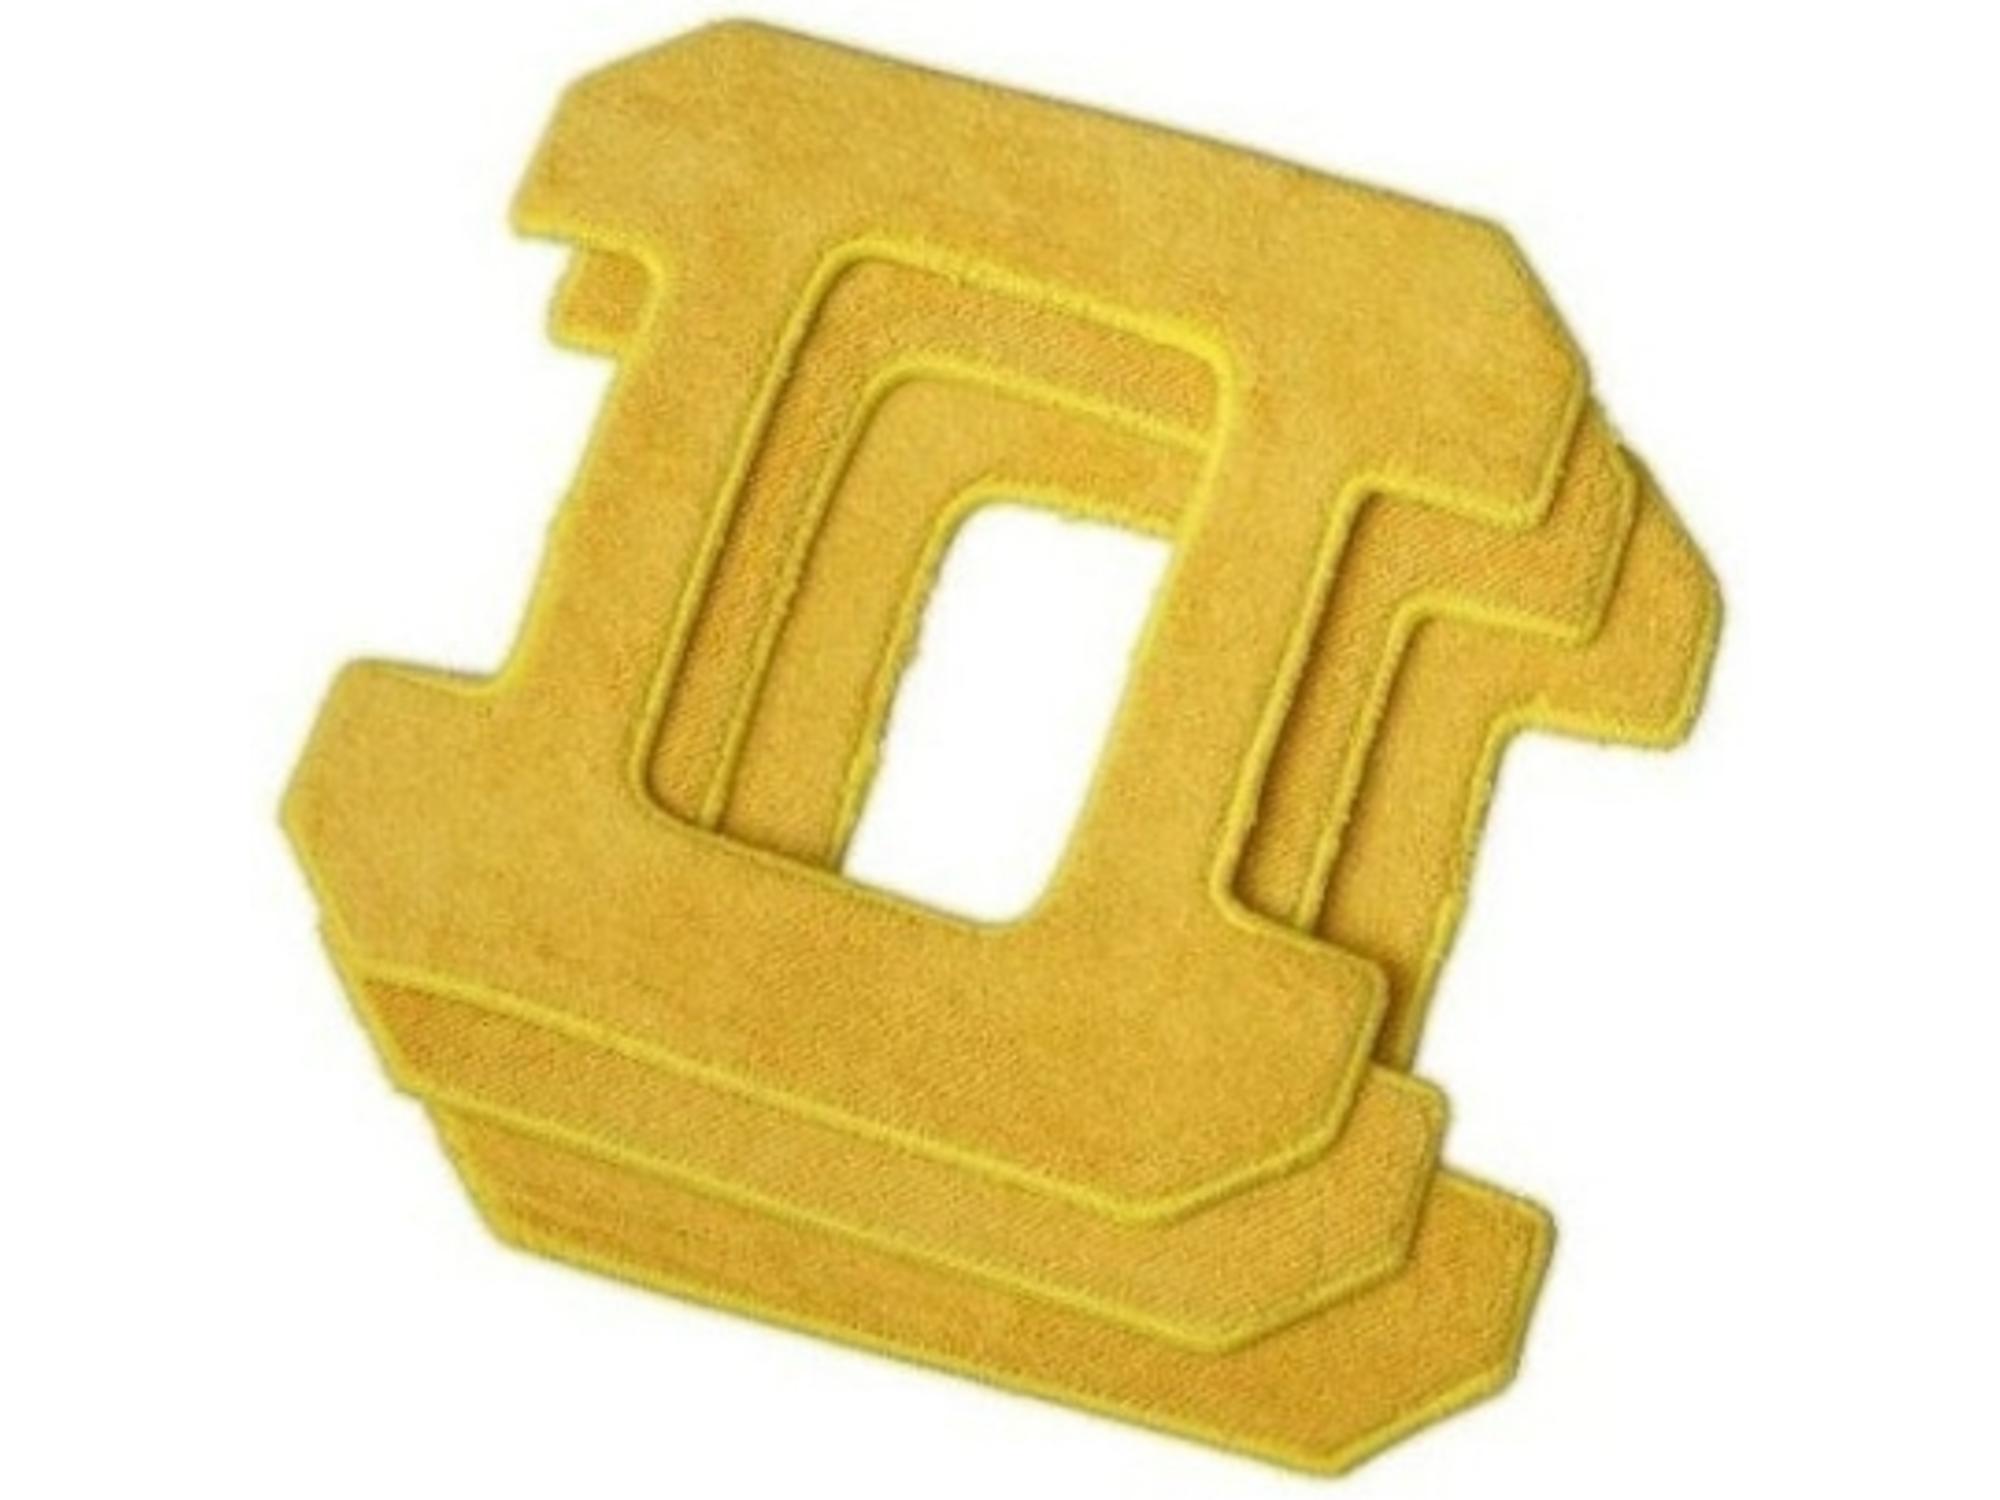 Hobot Komplet microfiber krp za poliranje za model 268, 288, 298